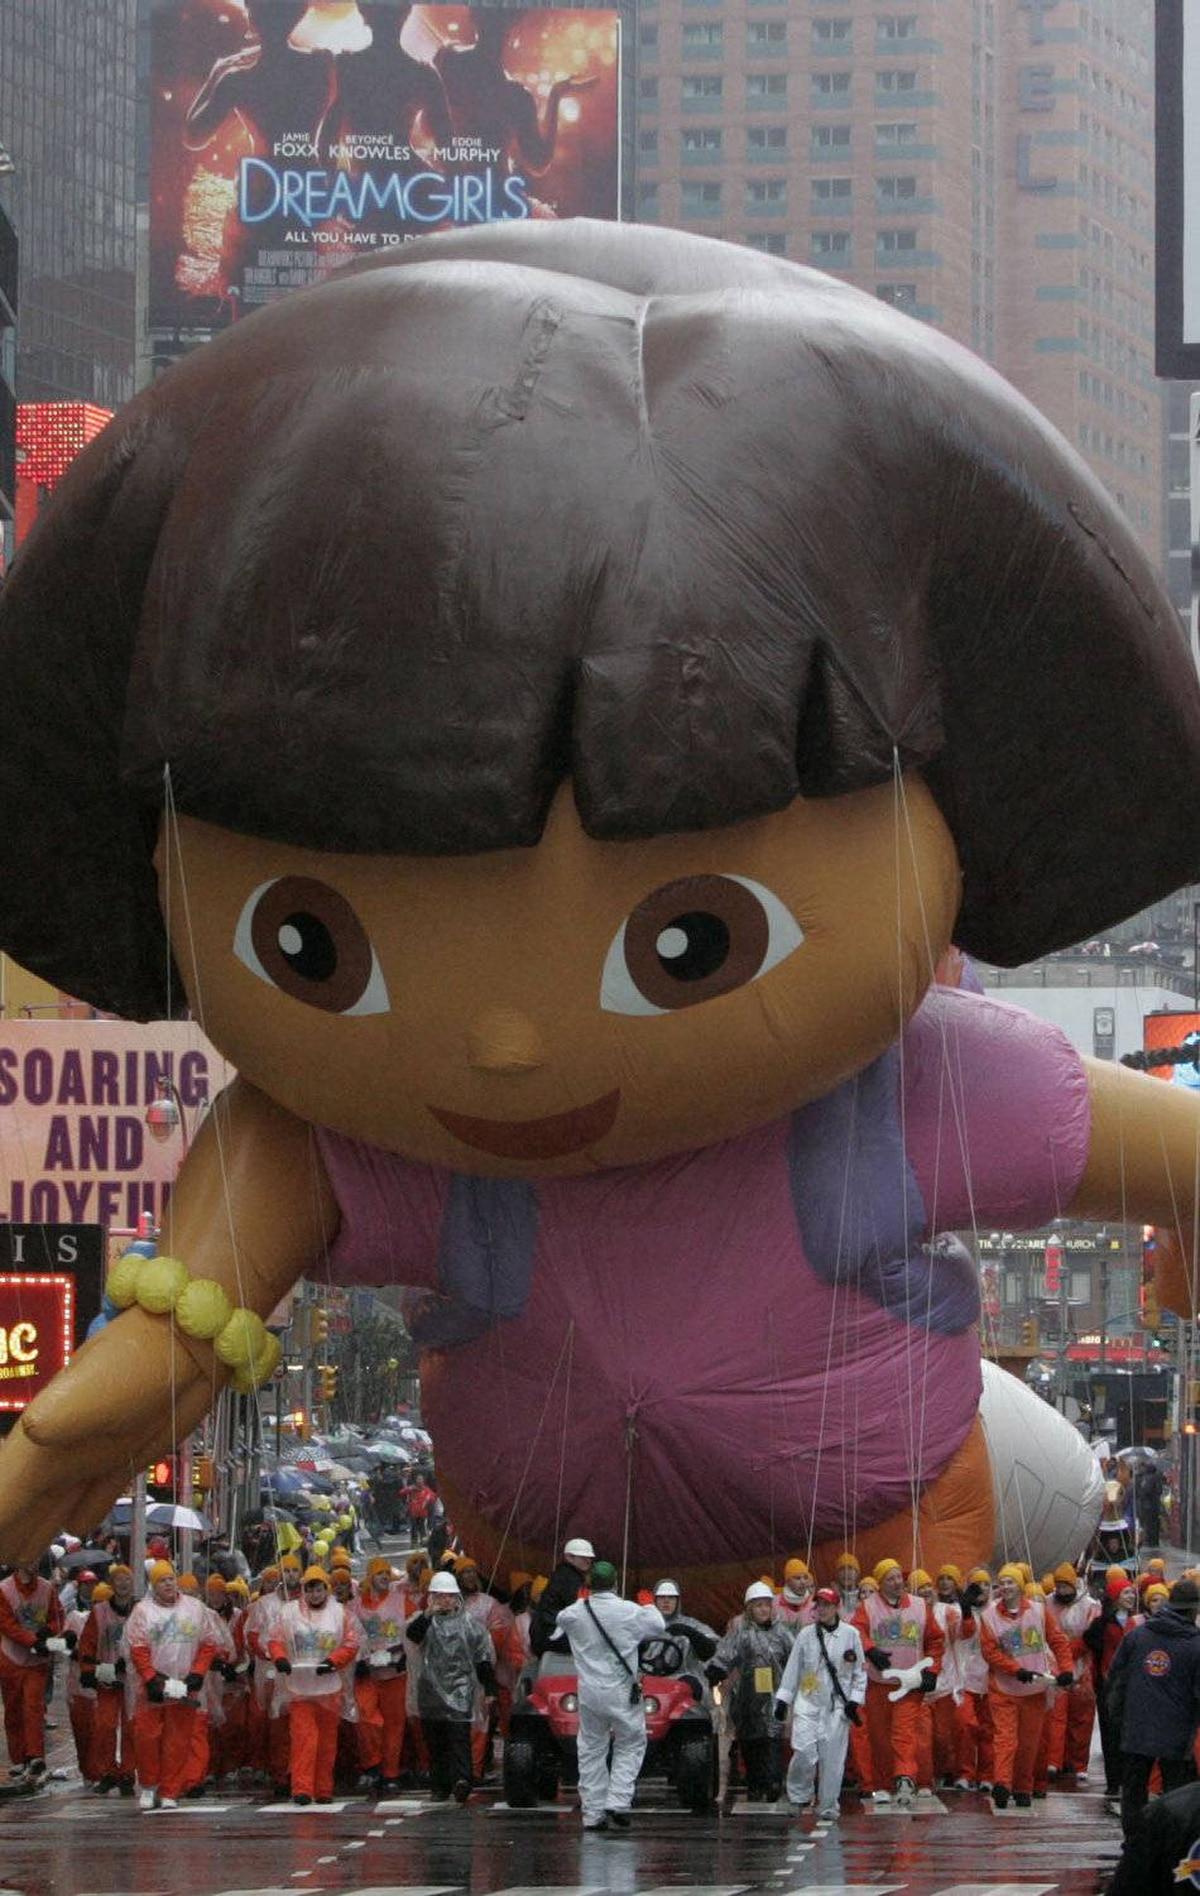 Aquí es un gran globo de Dora la Exploradora. Year: 2006 (Dora the Explorer)